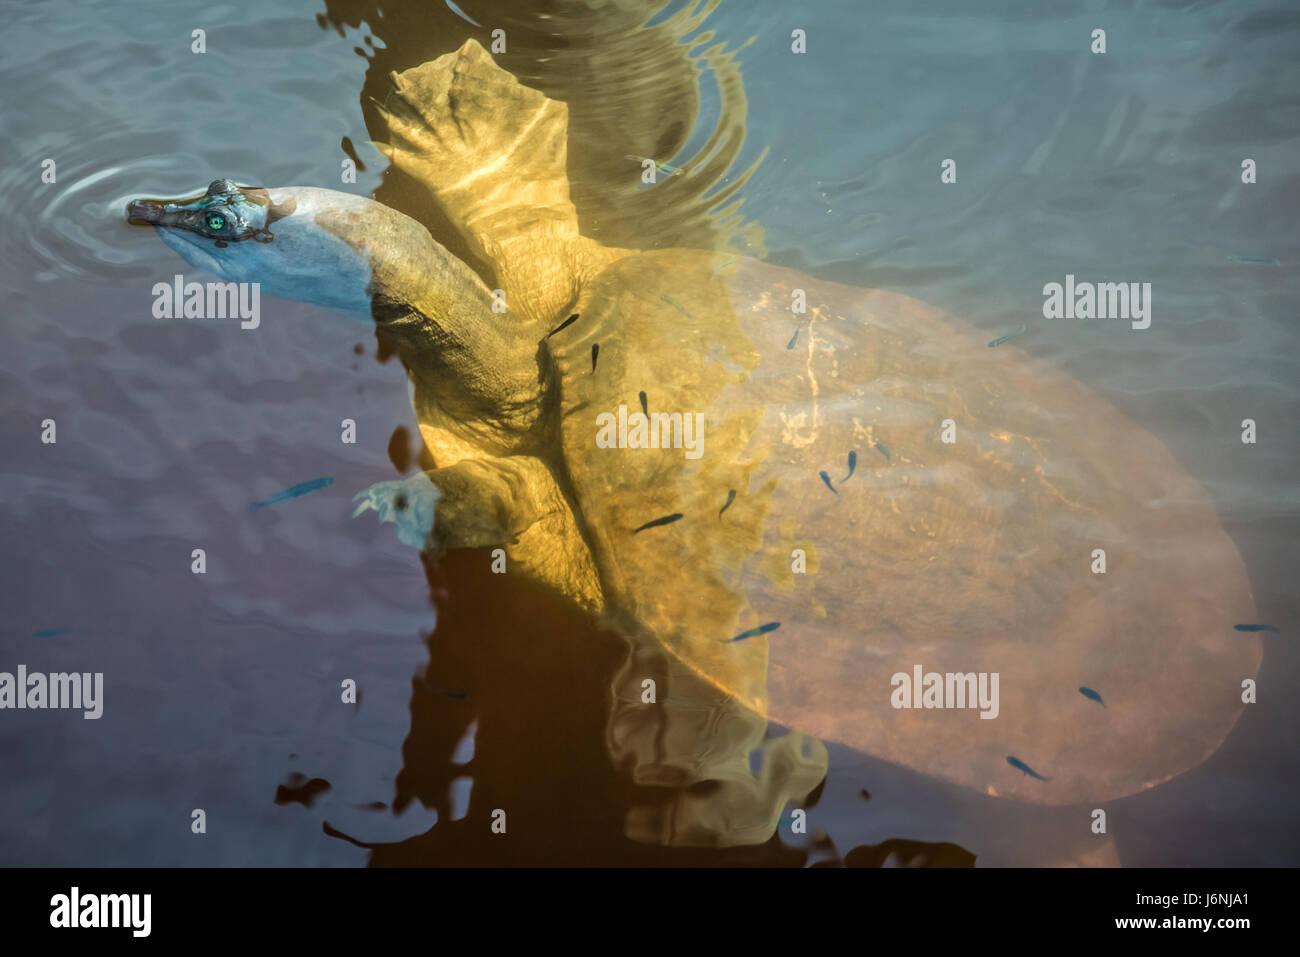 Una tortuga de caparazón blando de Florida (Apalone ferox) surgen en un canal cerca de Ponte Vedra Beach. (Ee.Uu.) Imagen De Stock